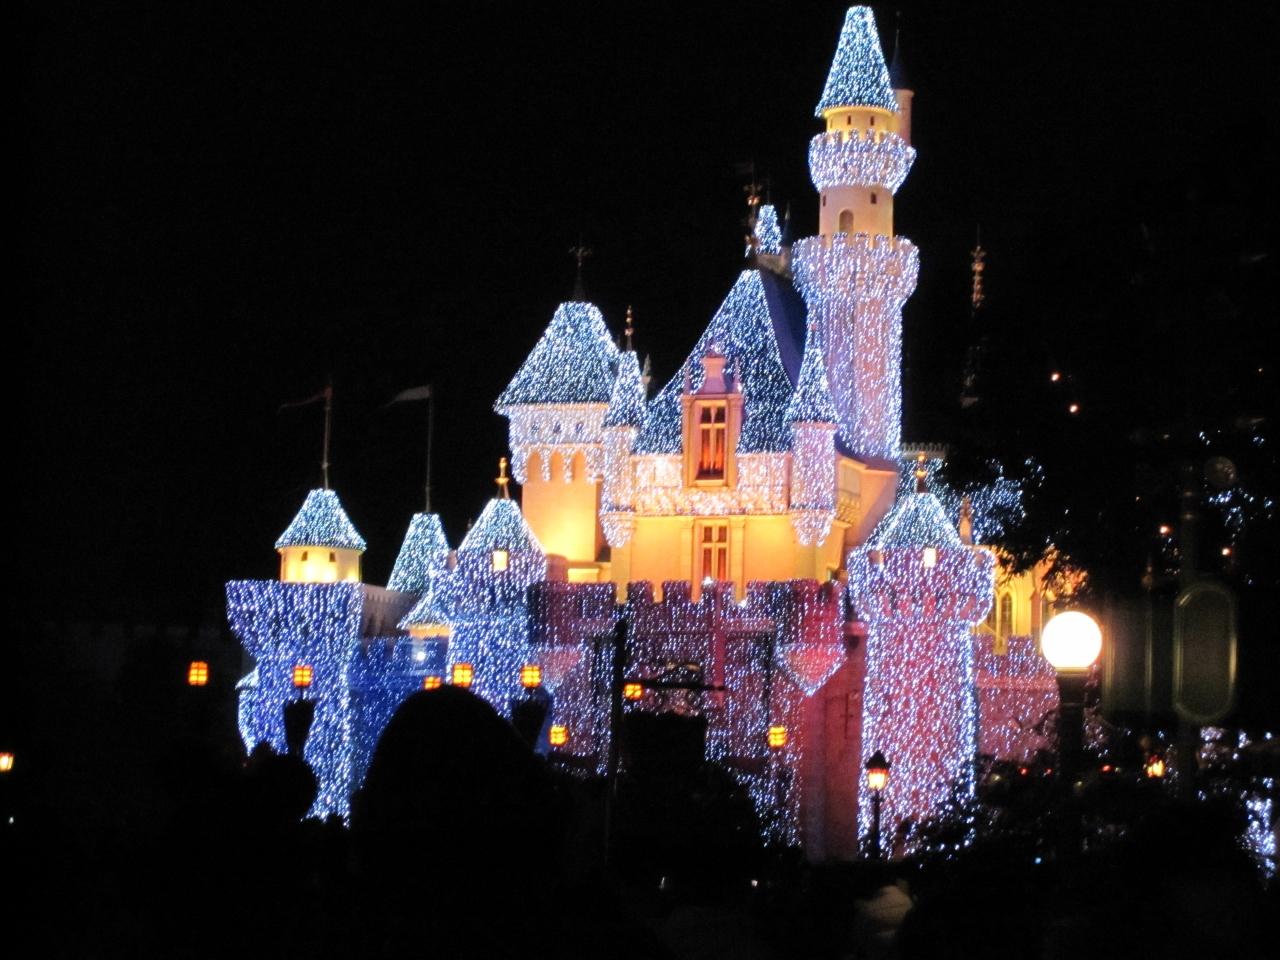 香港ディズニーランド クリスマス 2日目』香港(香港)の旅行記・ブログ